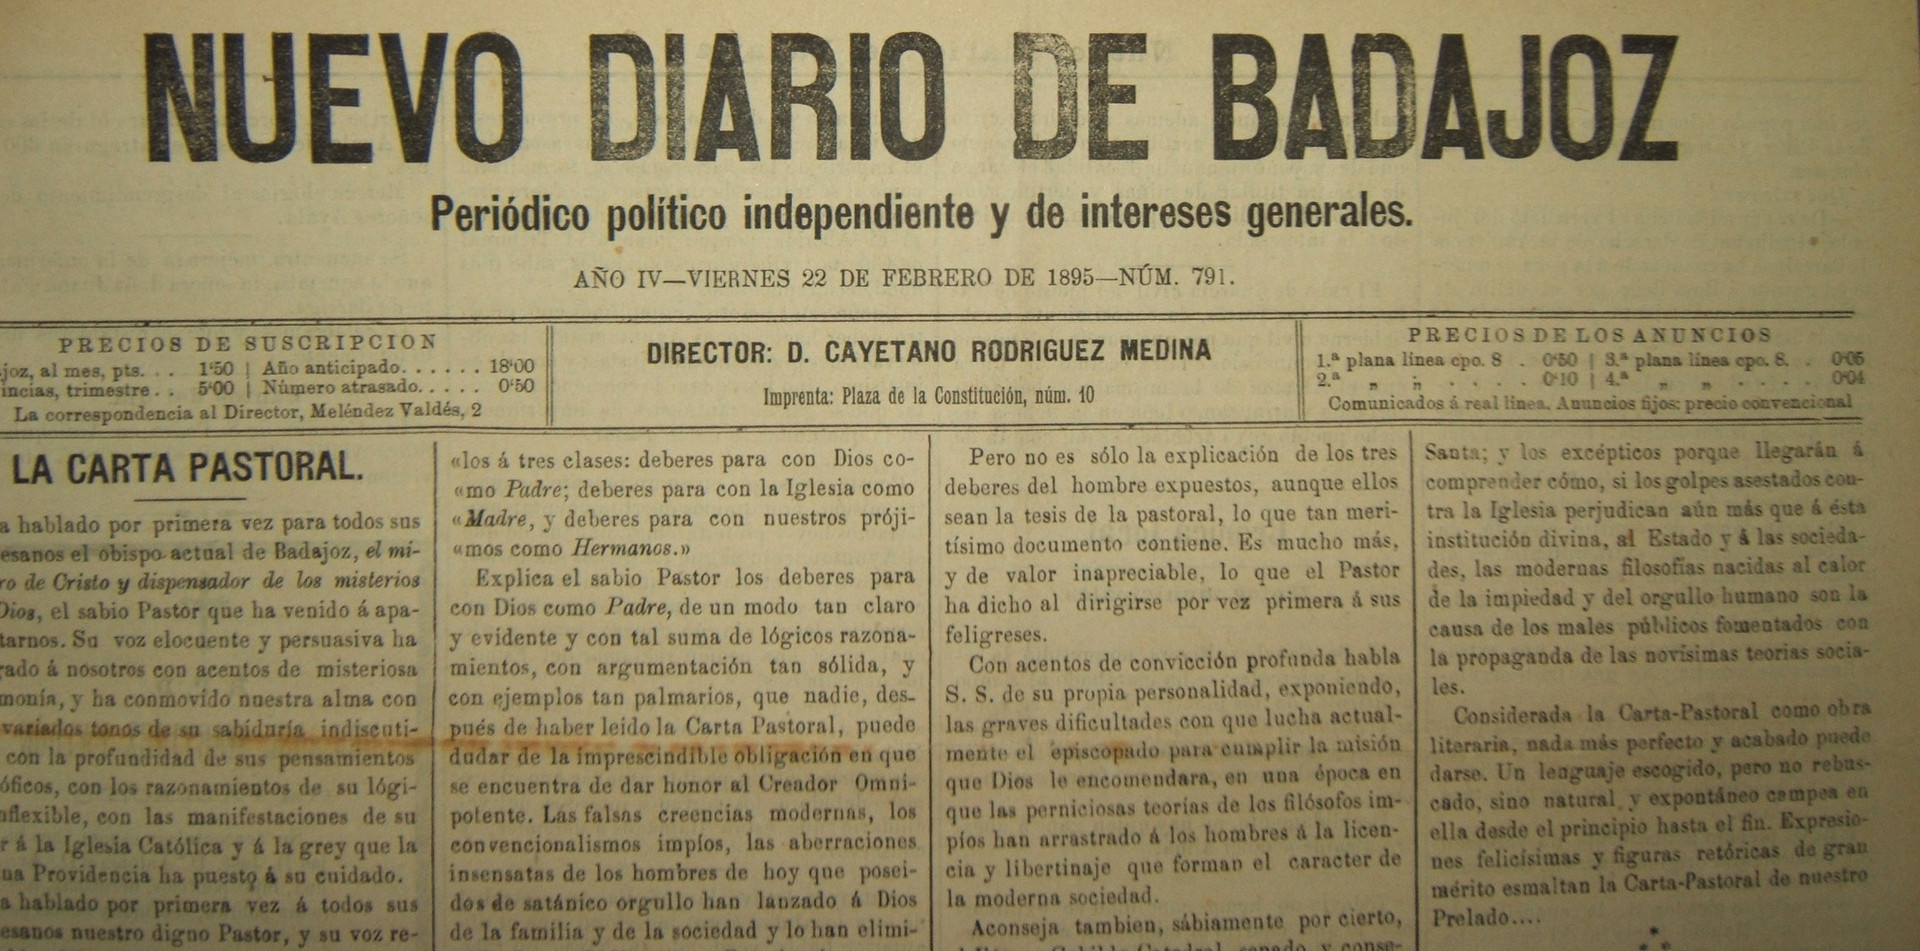 Nuevo Diario de Badajoz.JPG